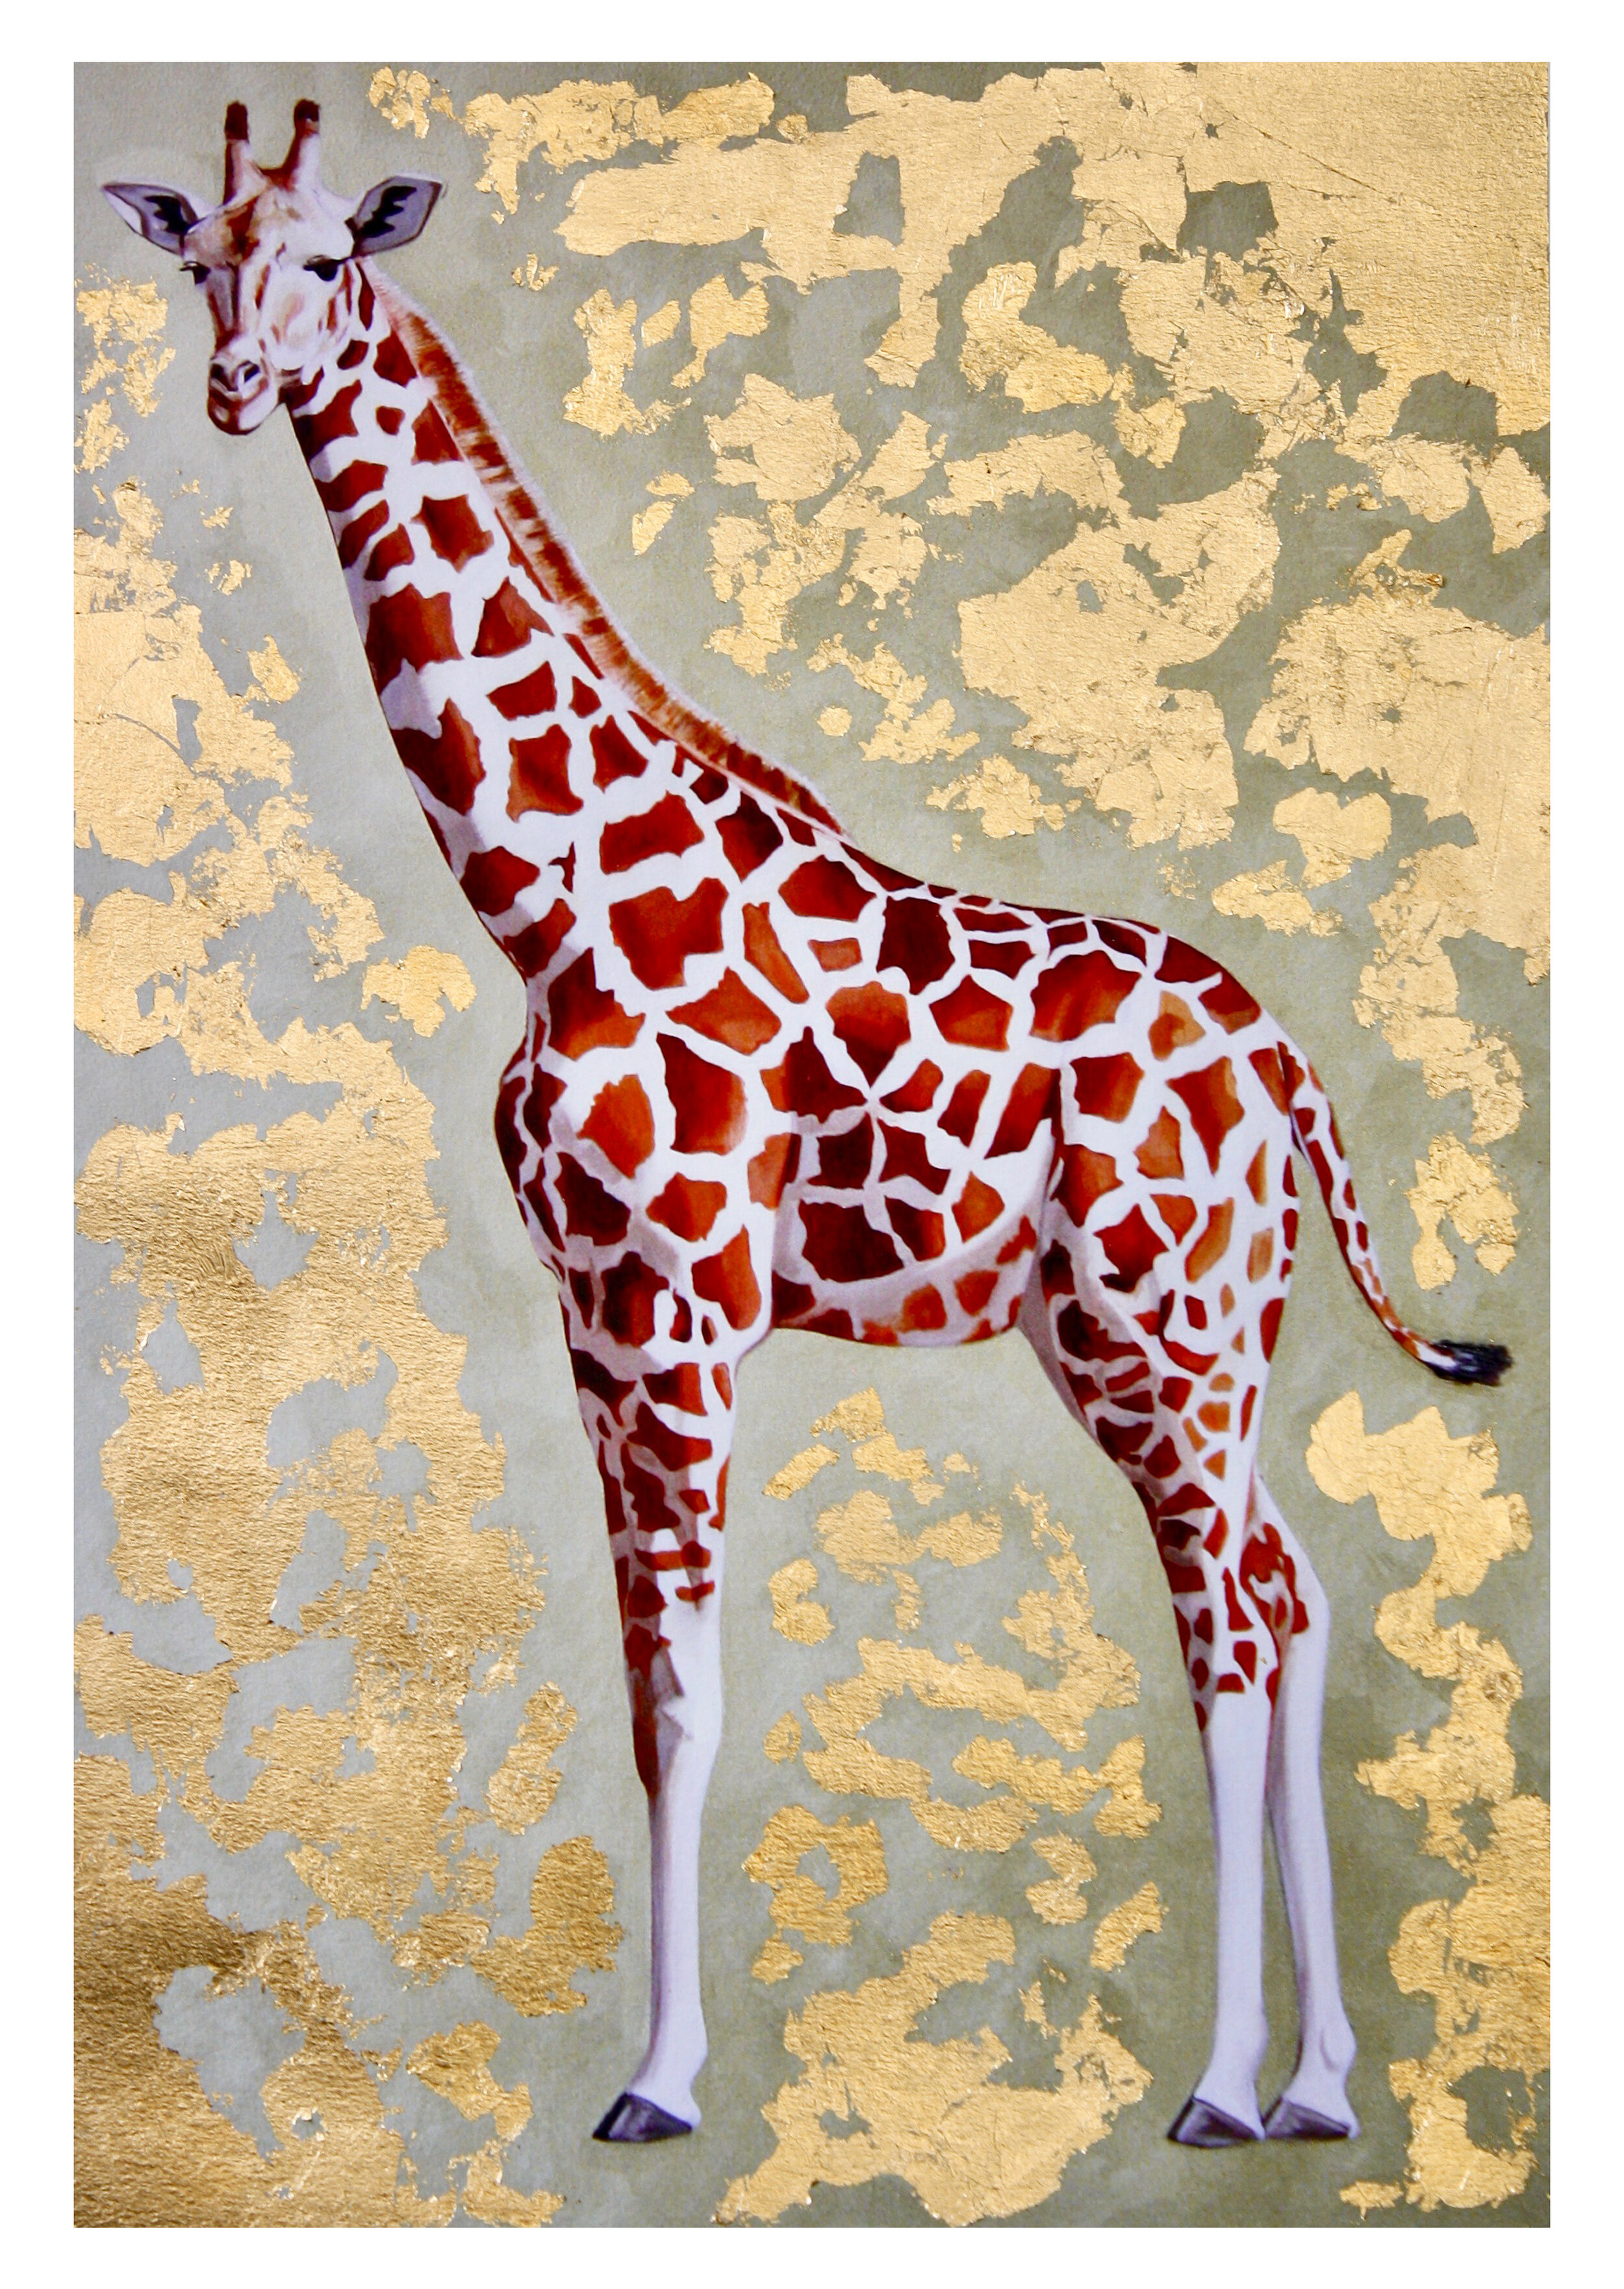 Giraffe #2: hand-embellished print